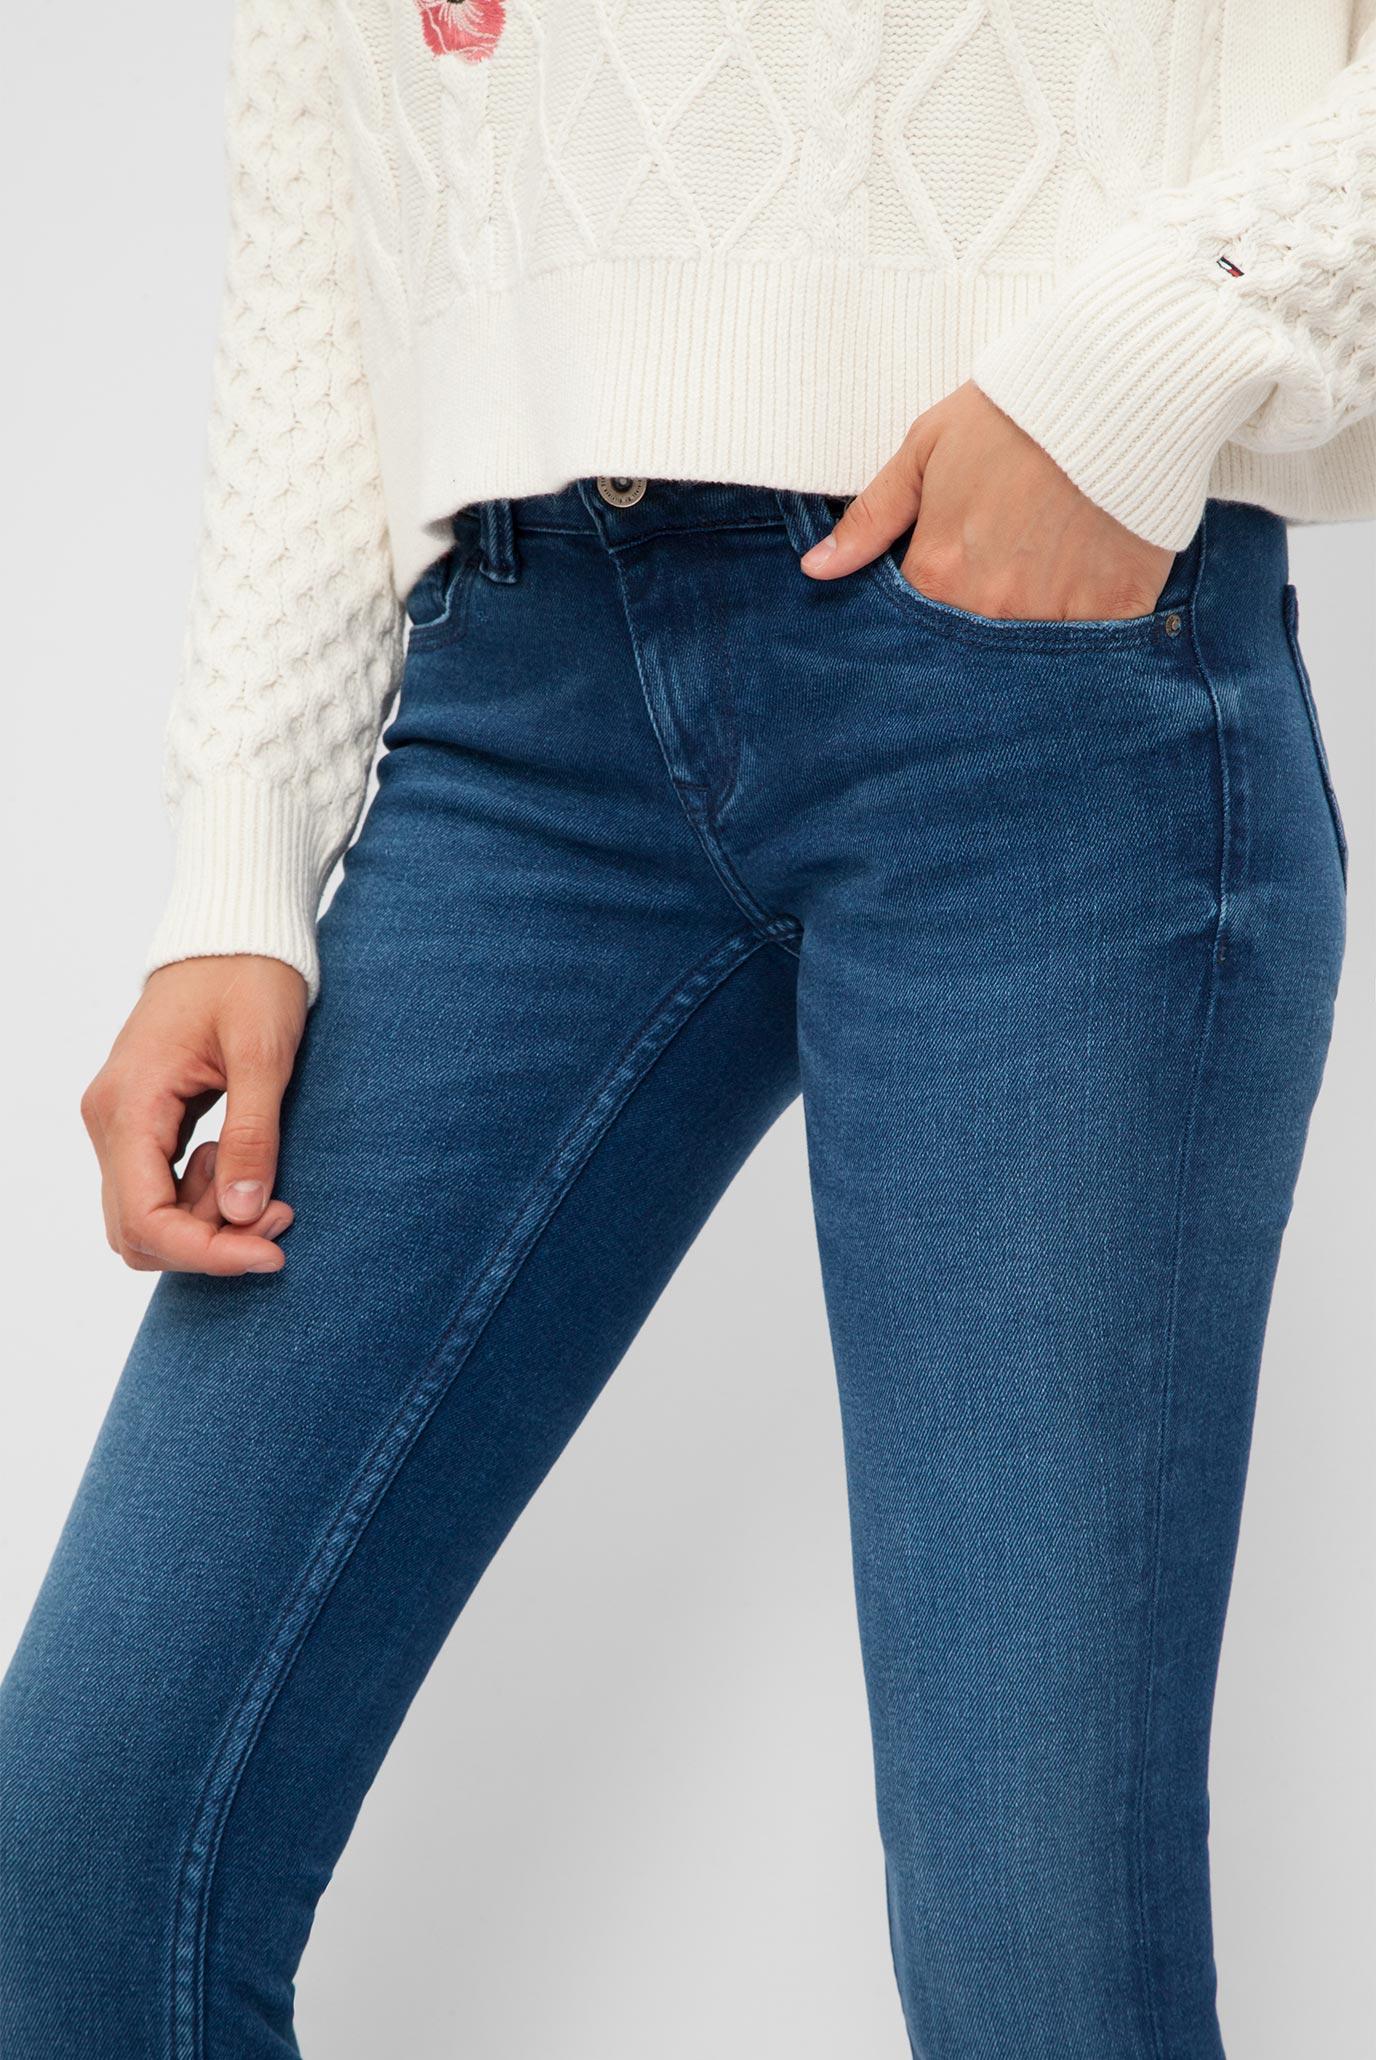 Купить Женские синие джинсы Tommy Hilfiger Tommy Hilfiger DW0DW02412 –  Киев e0ea176de4901